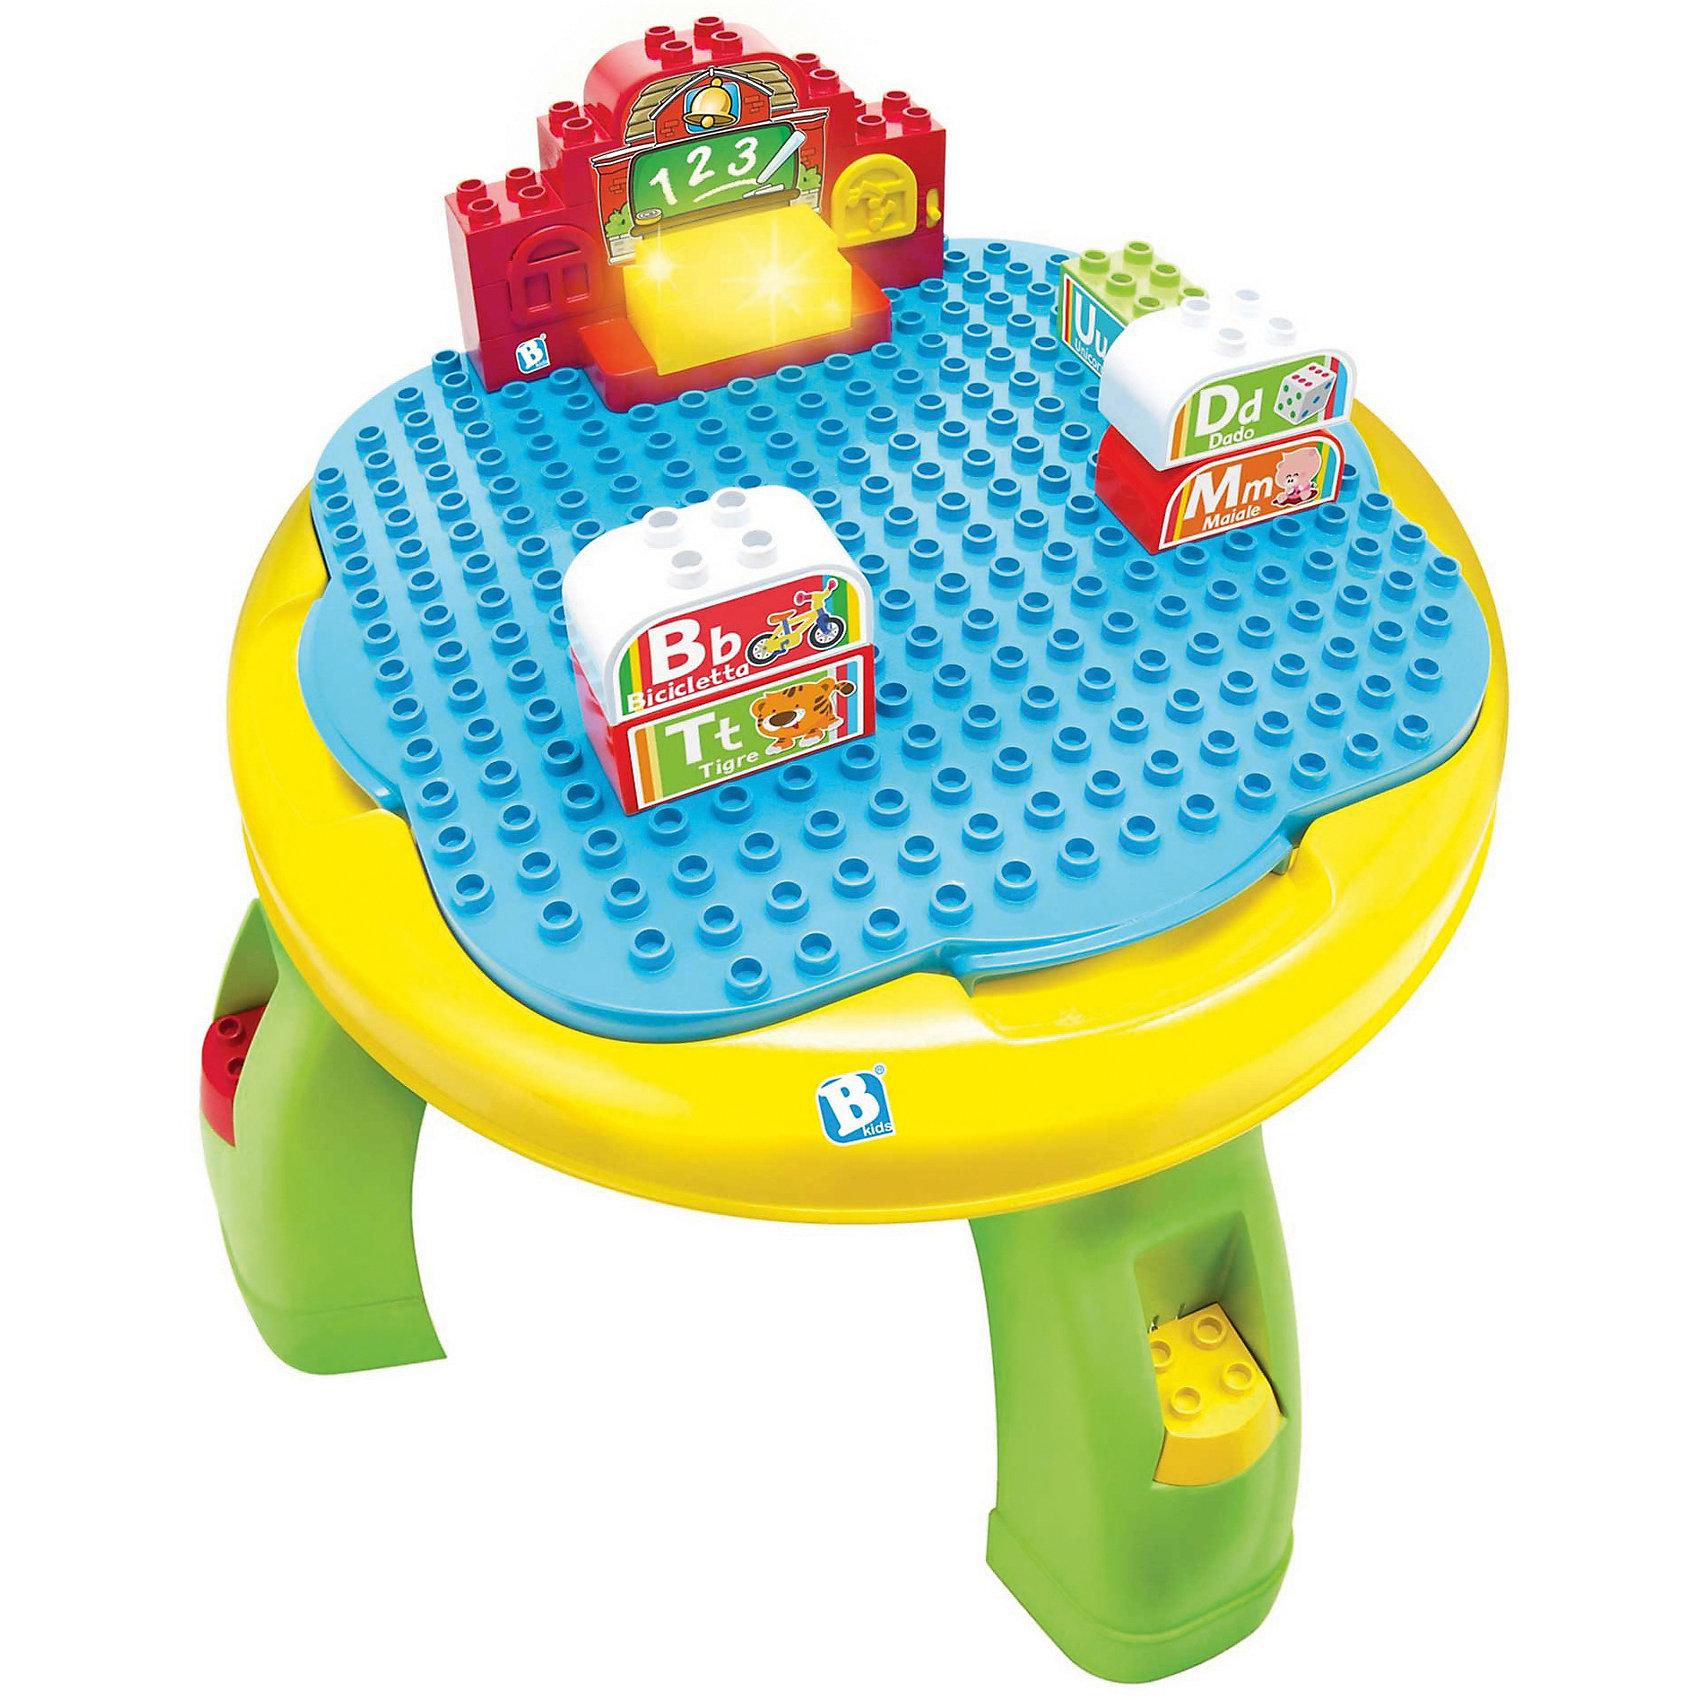 Развивающий столик, BKidsМалыши стремятся познавать всё новое - делать это можно с самого раннего возраста. Играя, малыш всесторонне изучает мир и осваивает новые навыки. Эта игрушка представляет собой конструктор с отсеком для хранения, также это - увлекательная интерактивная игра на запоминание английского алфавита, он произносит слова и поет песни.<br>Такие игрушки способствуют развитию мелкой моторики, воображения, цвето- и звуковосприятия, тактильных ощущений и обучению. Изделие разработано специально для самых маленьких. Сделано из материалов, безопасных для детей.<br><br>Дополнительная информация:<br><br>цвет: разноцветный;<br>размер столика: 29 х 38 см;<br>возраст: с двух лет.<br><br>Развивающий столик от бренда BKids можно купить в нашем интернет-магазине.<br><br>Ширина мм: 108<br>Глубина мм: 108<br>Высота мм: 395<br>Вес г: 2193<br>Возраст от месяцев: 24<br>Возраст до месяцев: 48<br>Пол: Унисекс<br>Возраст: Детский<br>SKU: 5055380